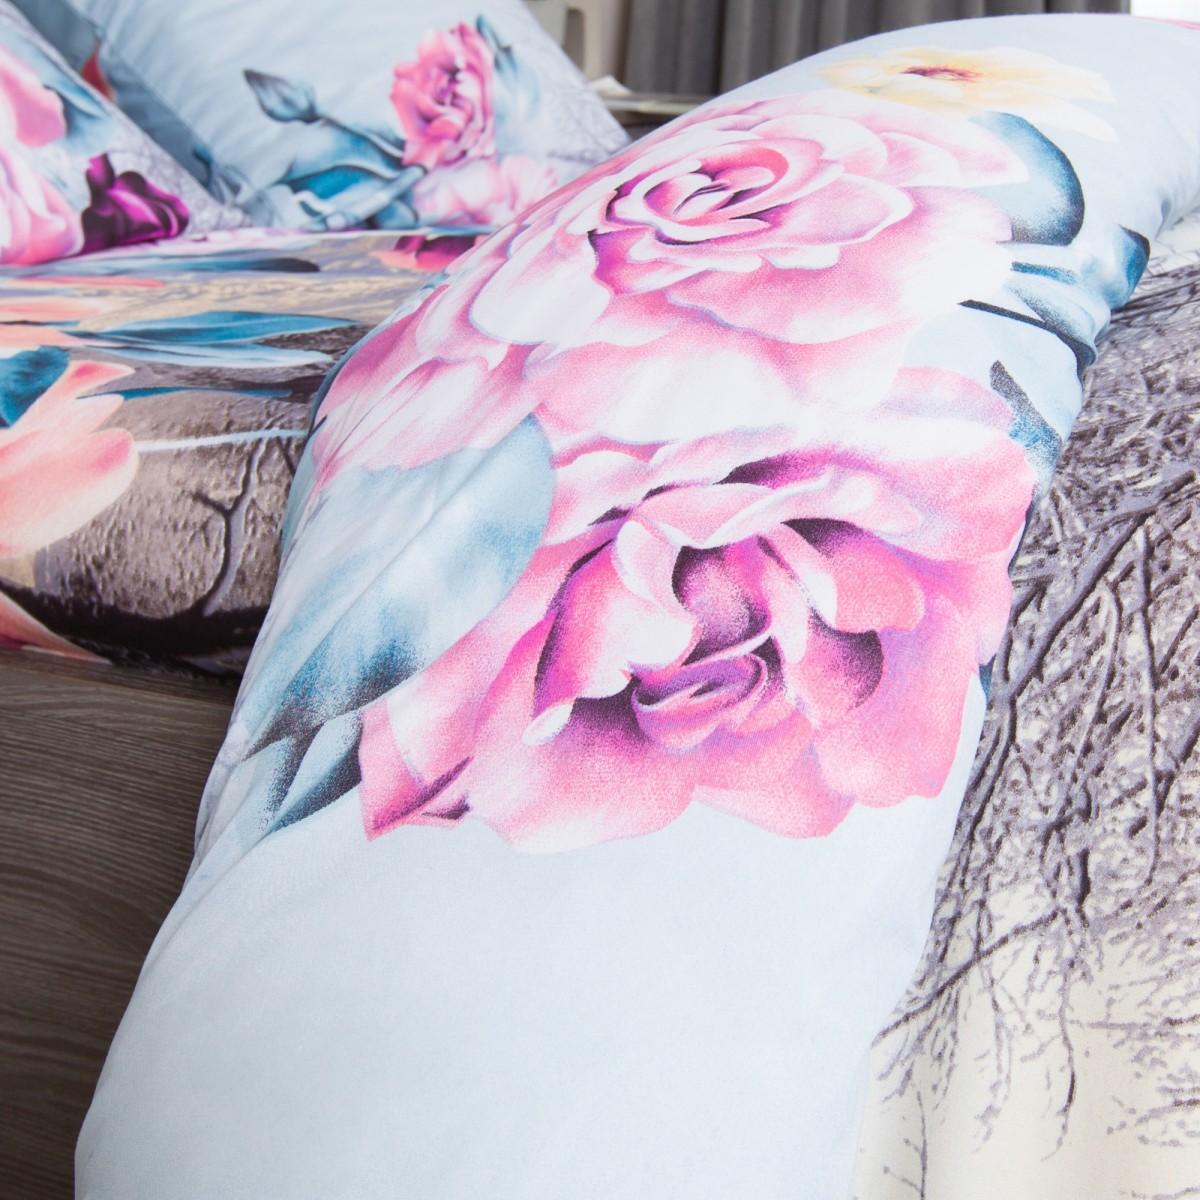 Комплект Постельного Белья Роза На Снегу Полутораспальный Микрофибра